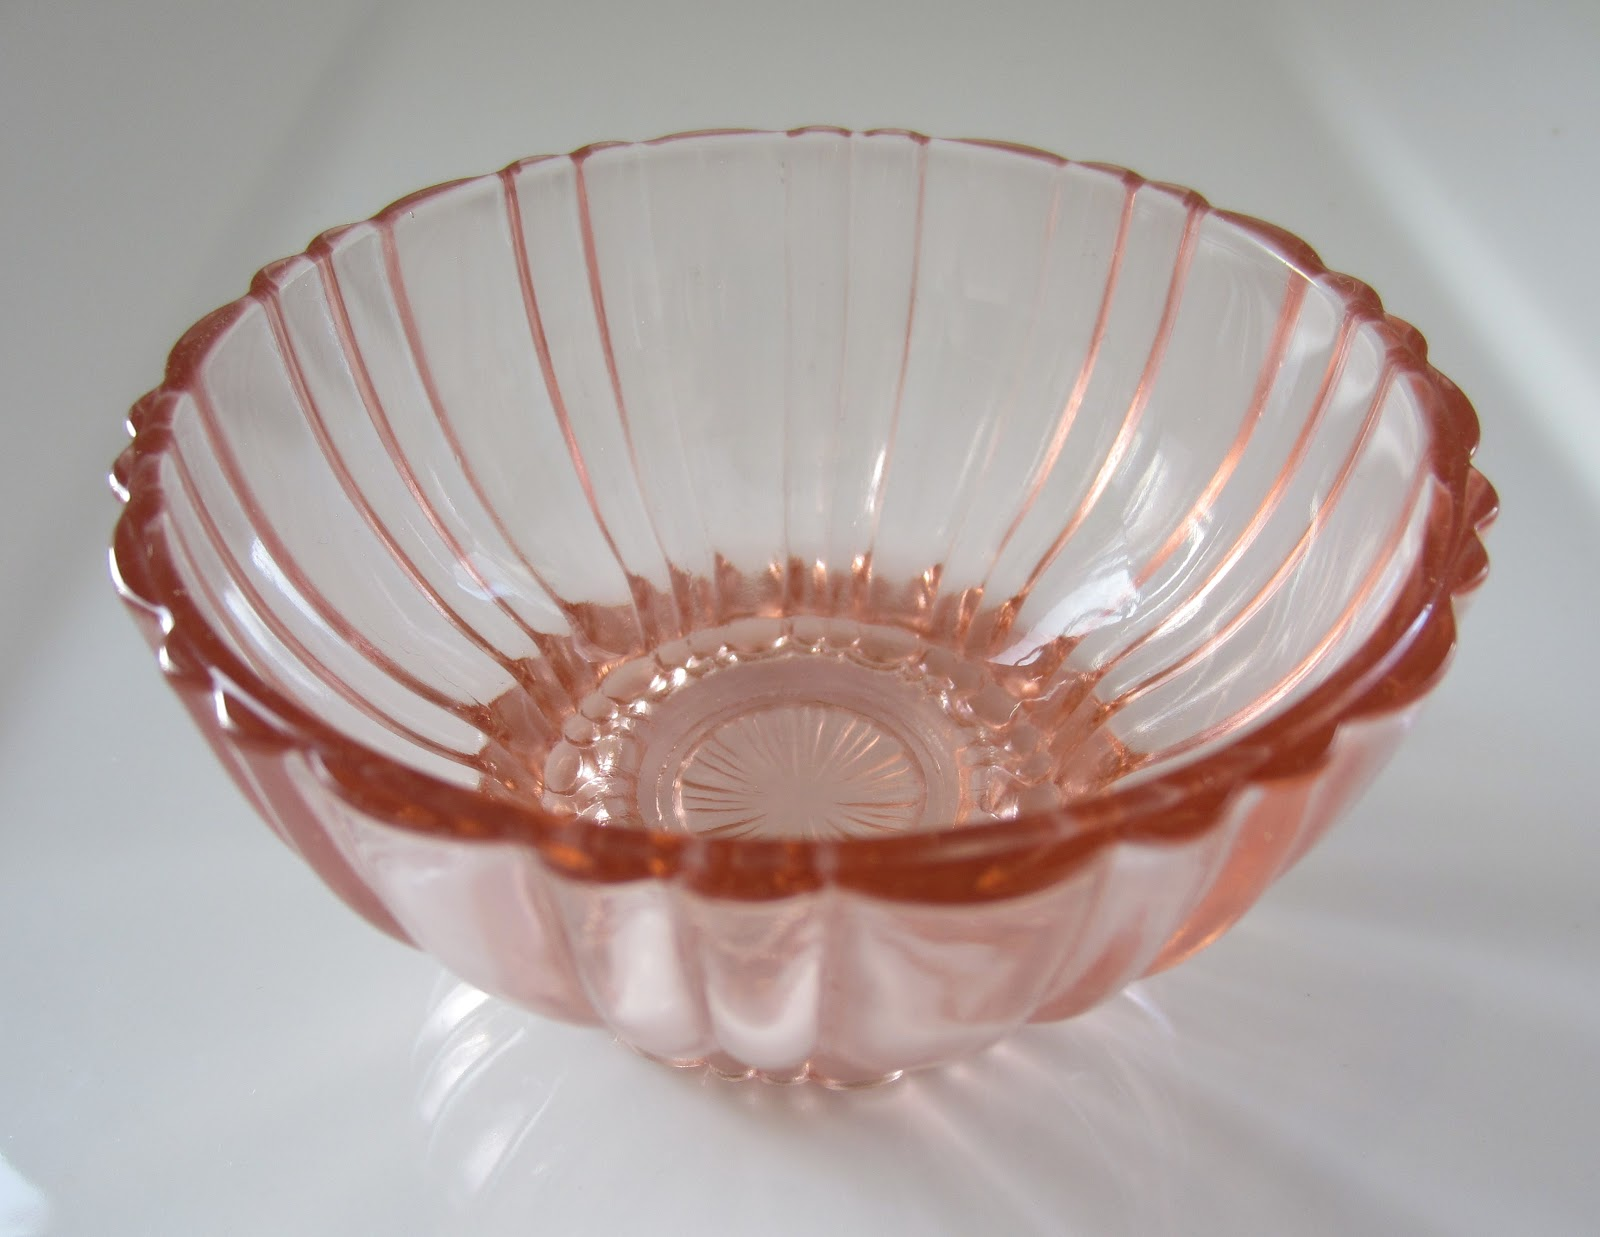 Vaisselle En Verre : vintage et distinction vaisselle en verre rose depression ~ Teatrodelosmanantiales.com Idées de Décoration